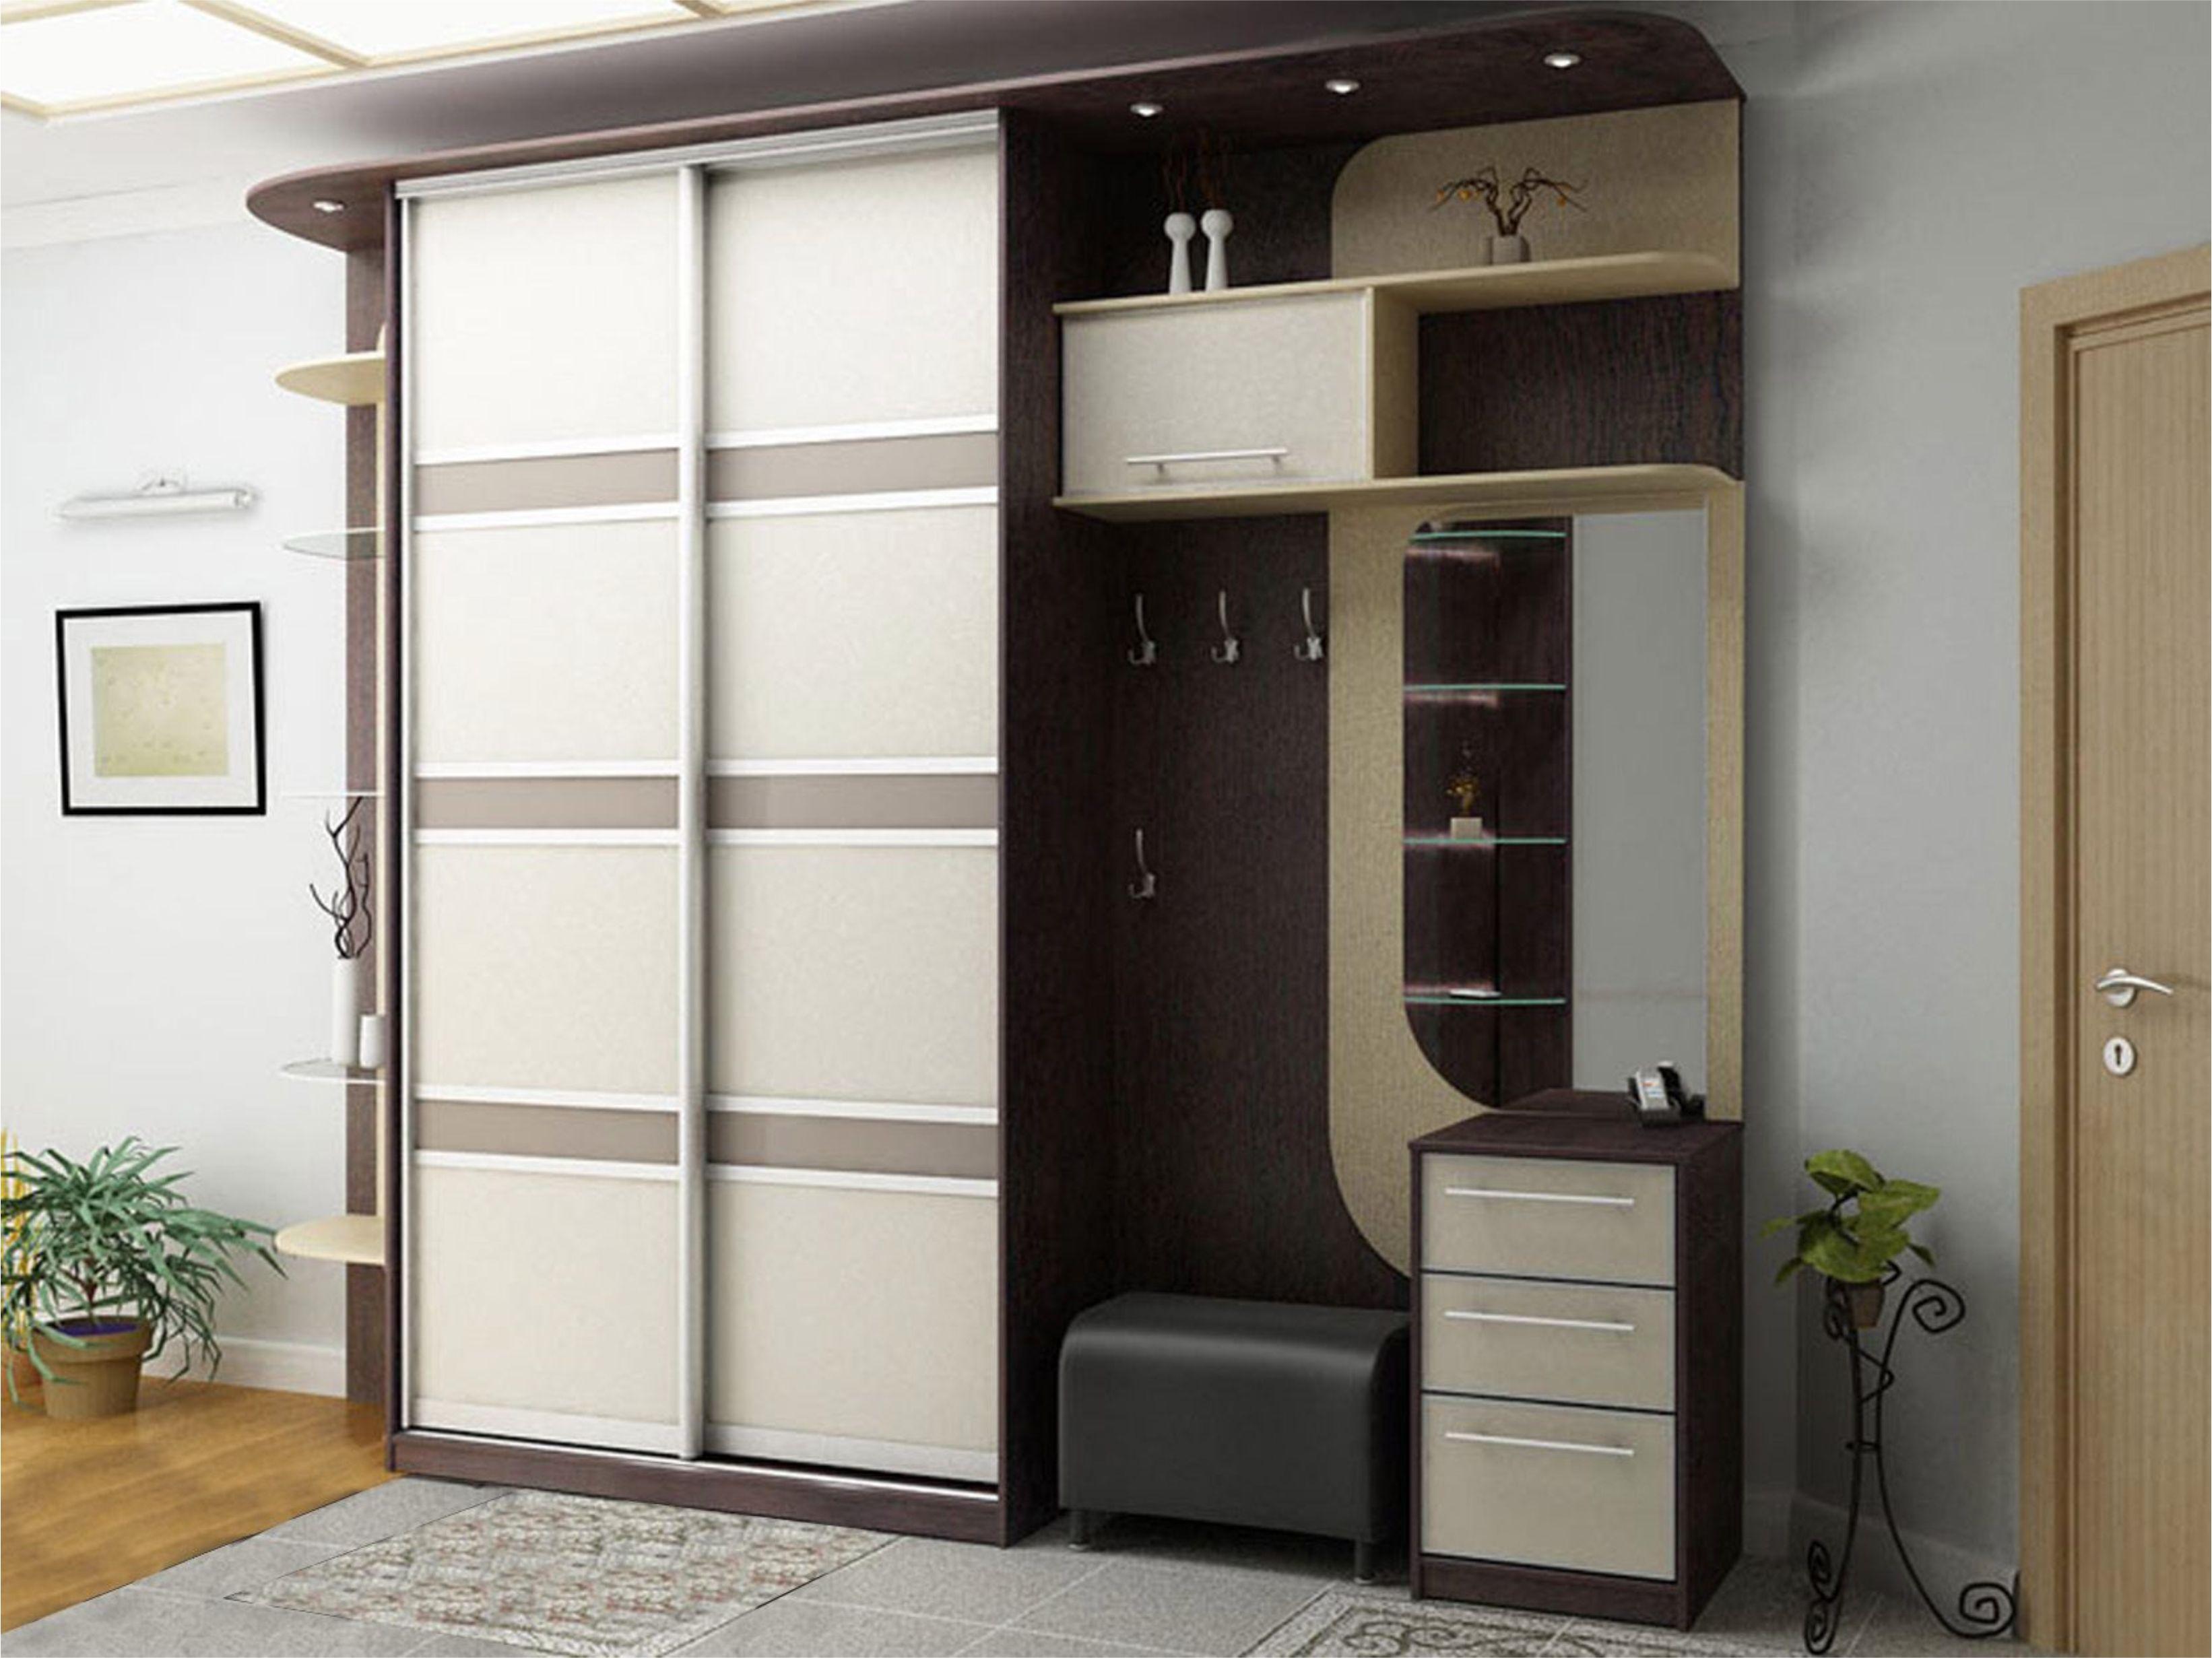 Шкаф-купе на заказ - идеальная мебель для дома.